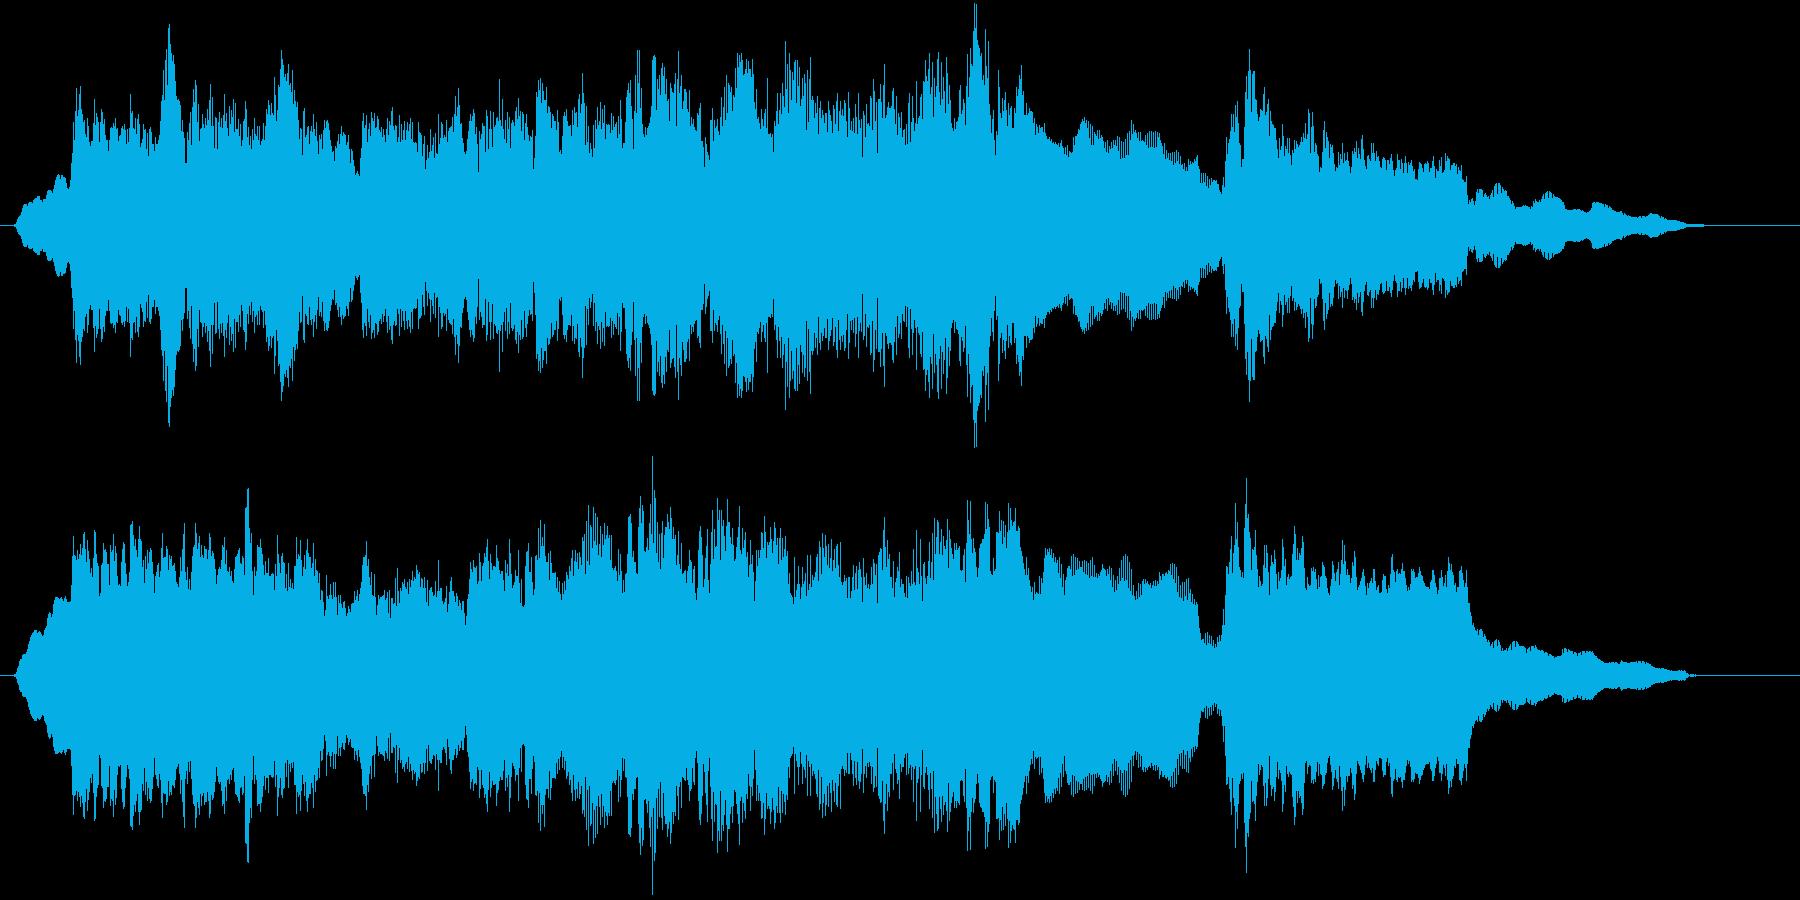 どこか切なく、懐かしいようなジングル曲の再生済みの波形